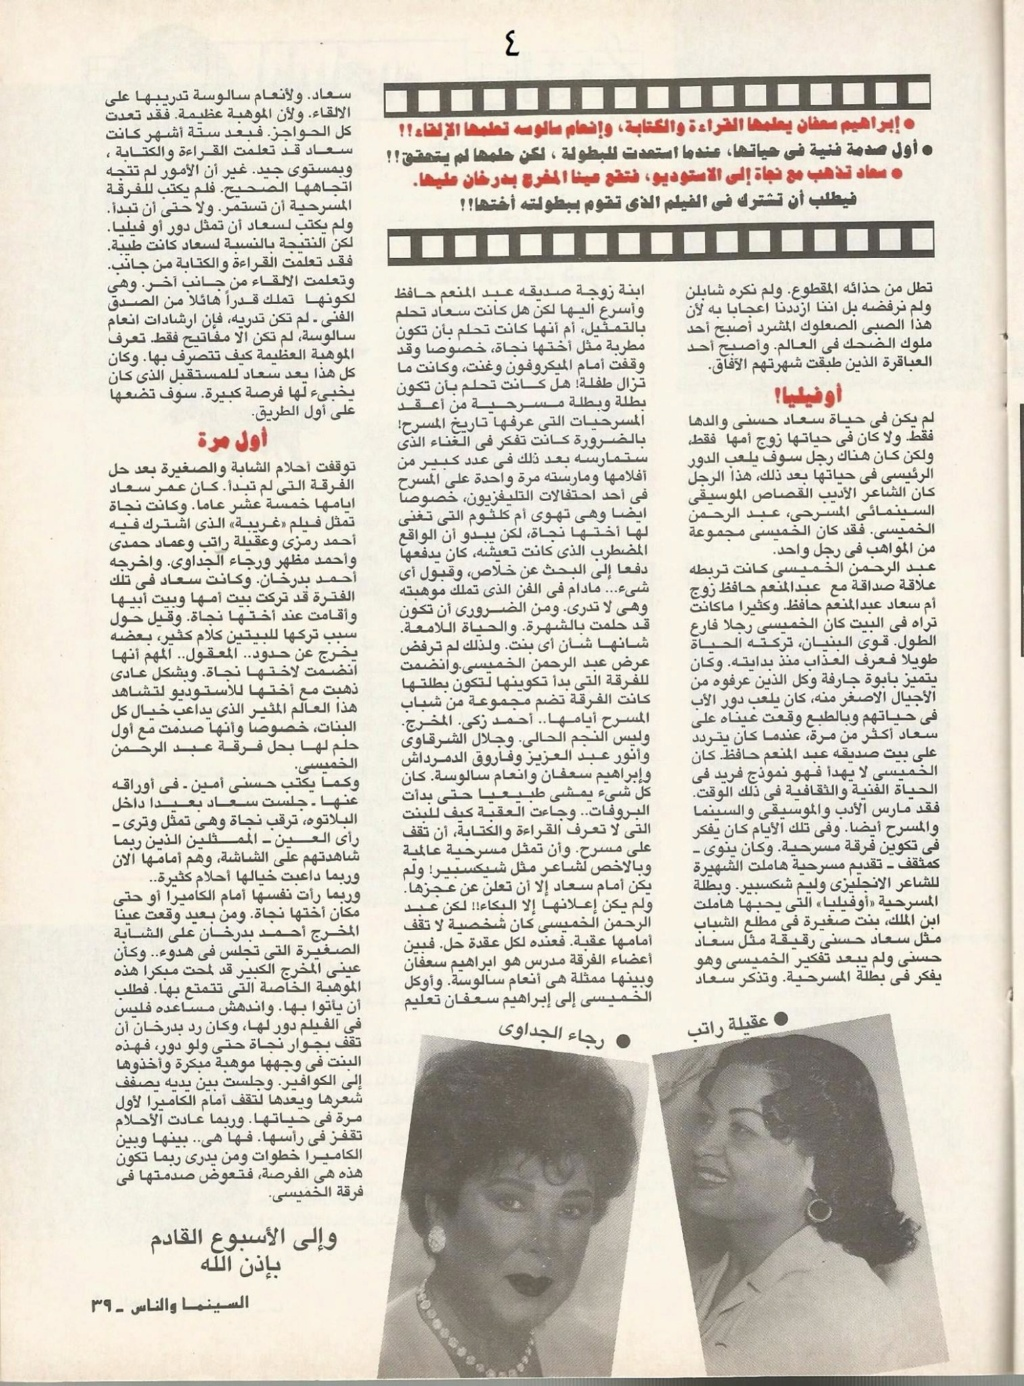 مقال صحفي : حكاية الثري العجوز الدميم الذي كانت ستتزوجه!! 2001 م 4109